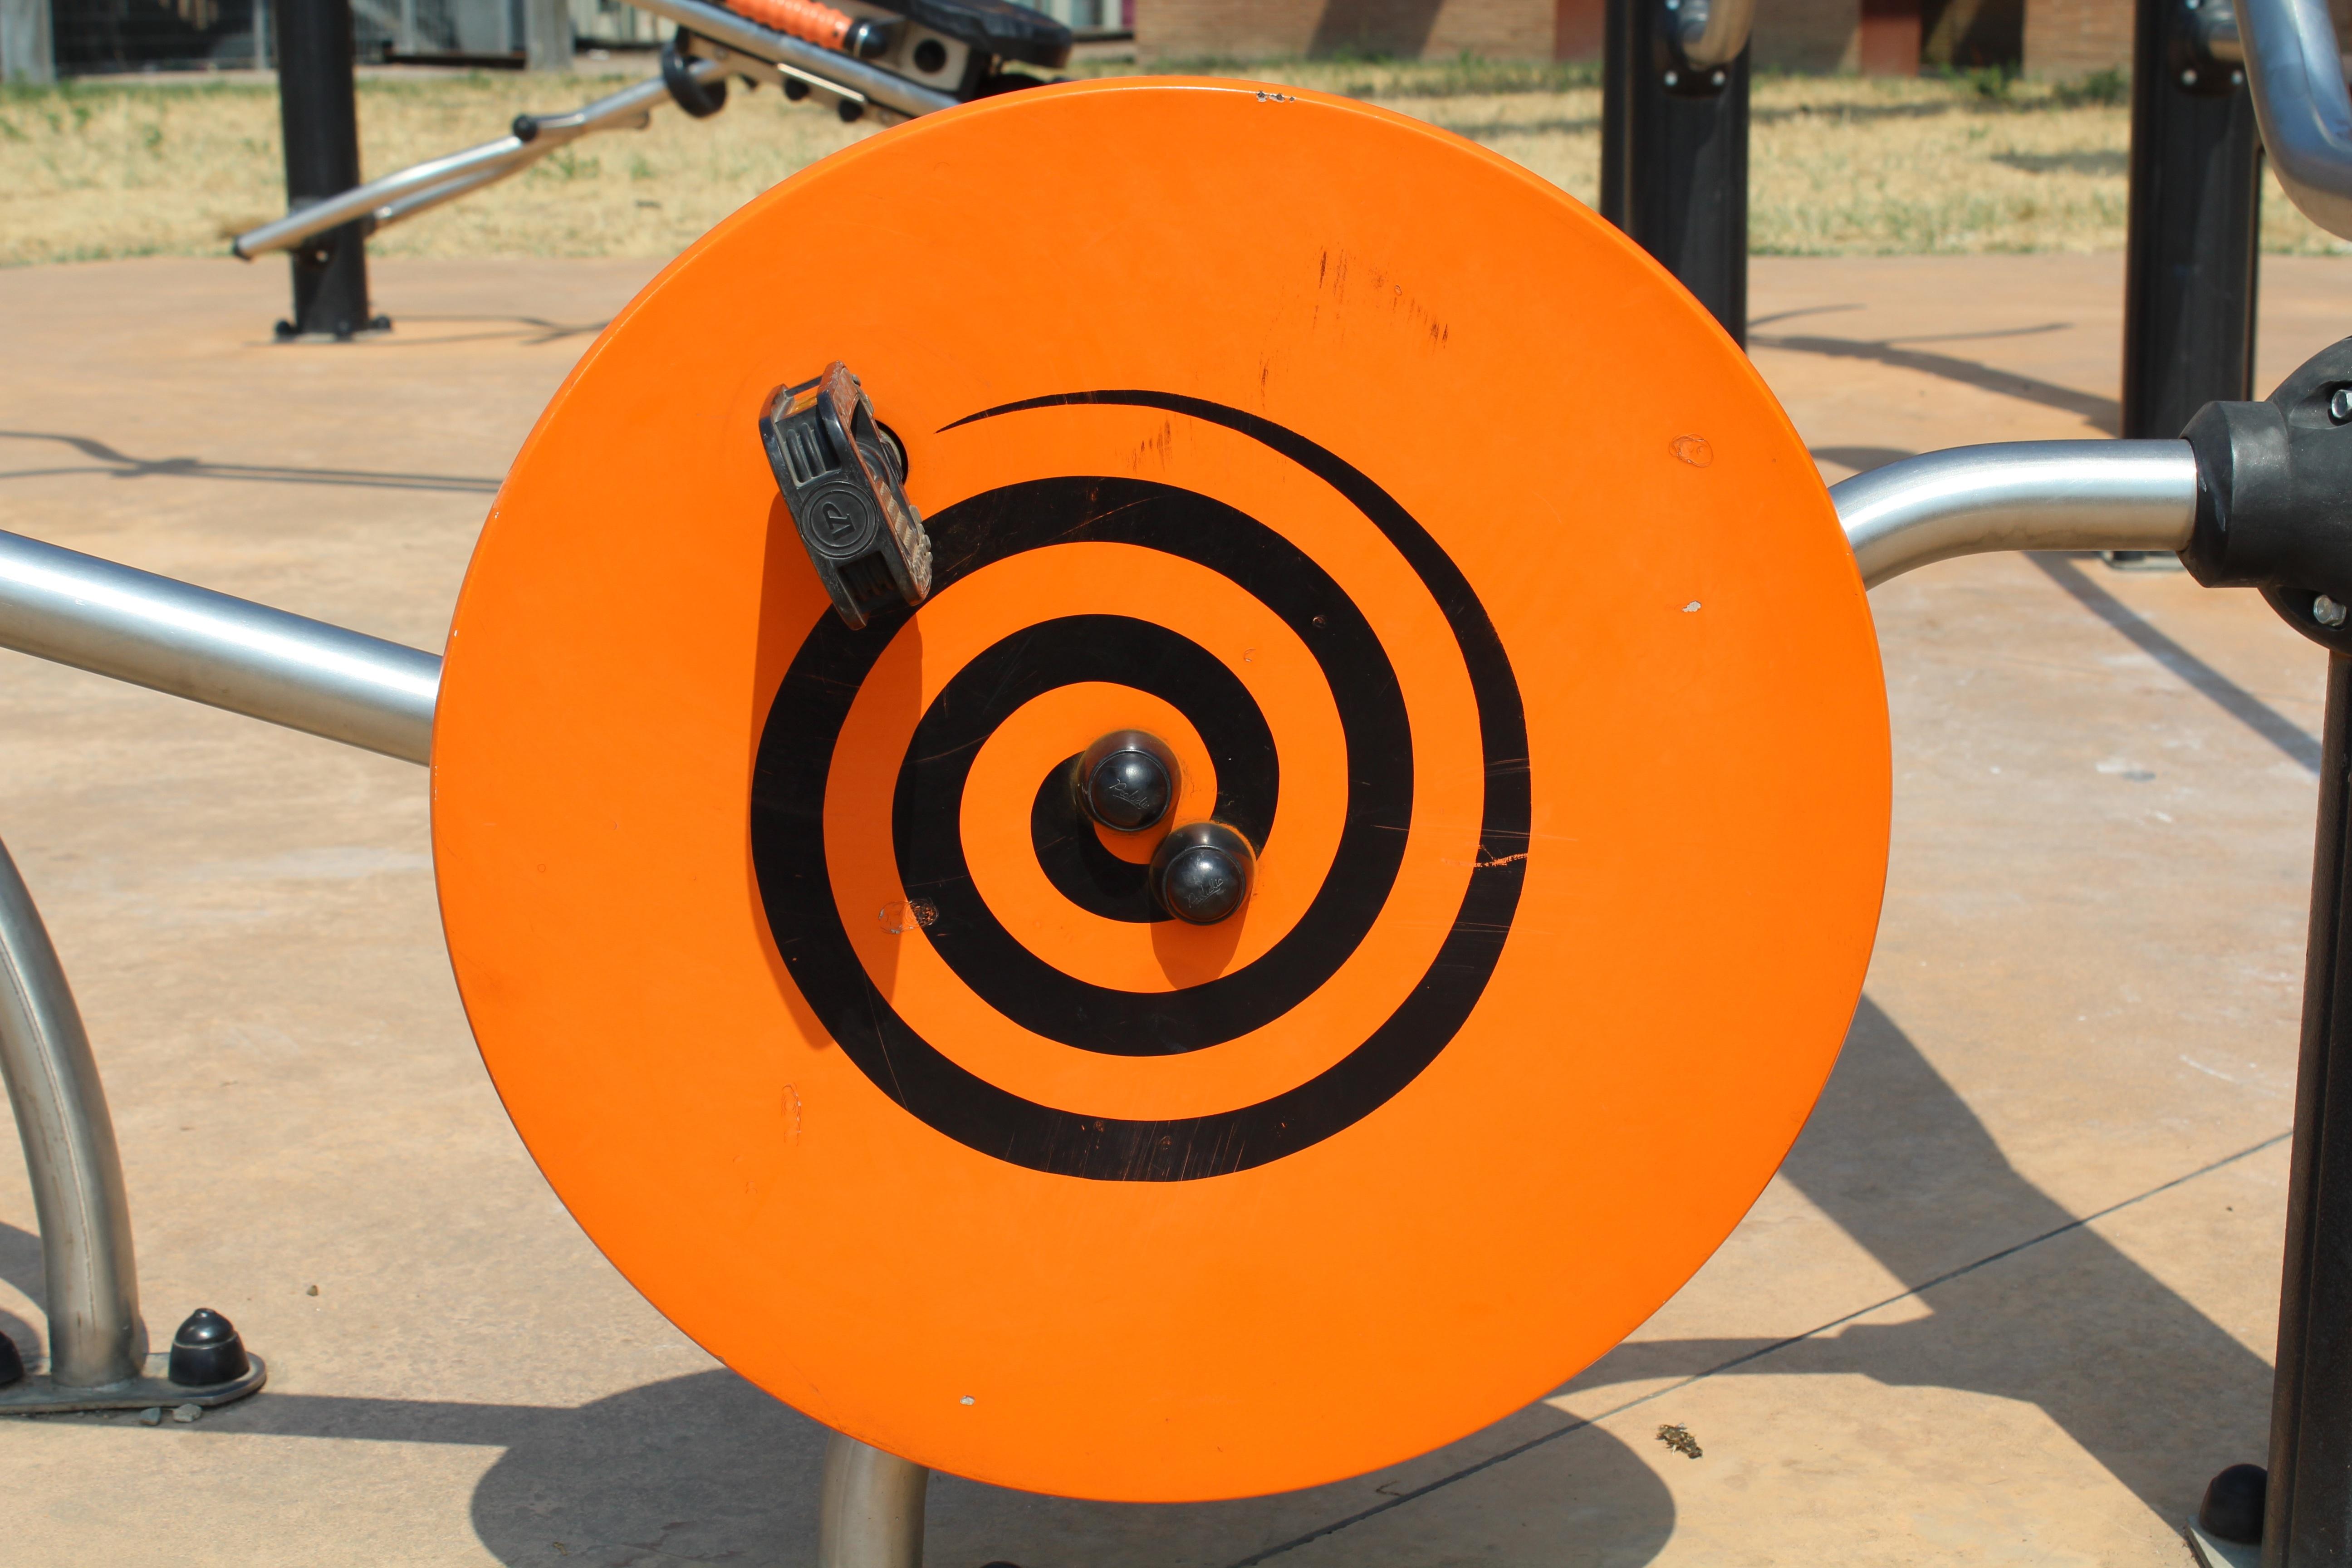 Fotos gratis : rueda, juego, redondo, parque, pedal, patio de recreo ...